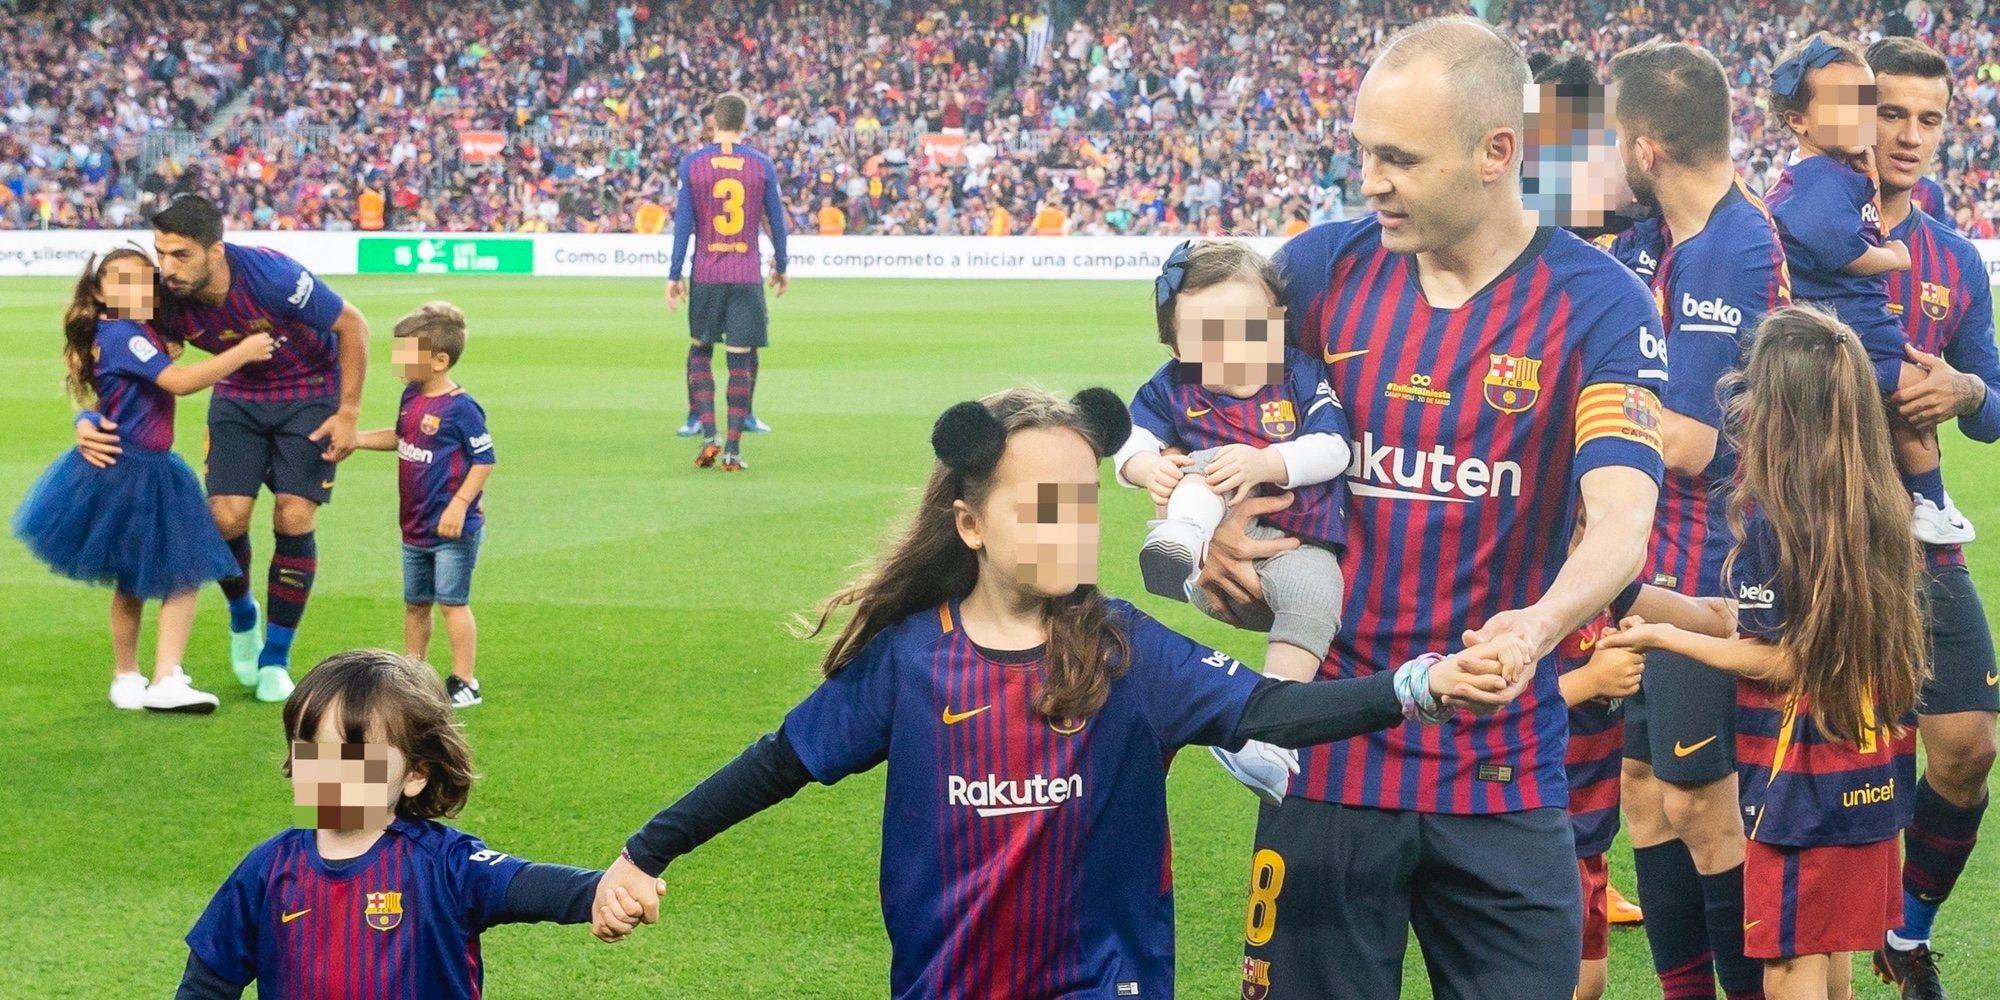 """Andrés Iniesta se despide del Camp Nou tras ganar la Liga con el Barça: """"Os llevaré en mi corazón"""""""